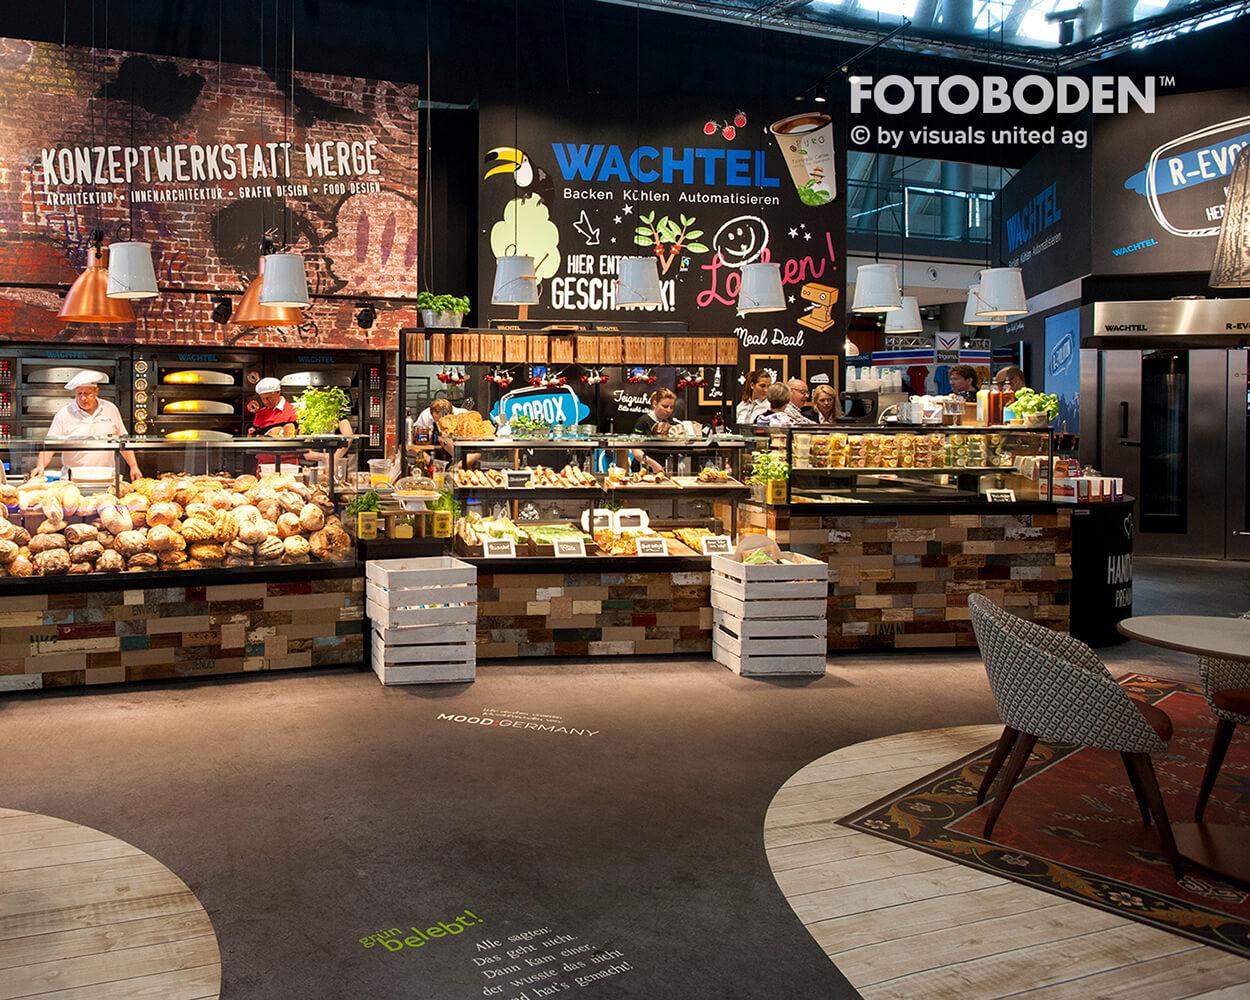 Gastronomie Verkaufsfläche Fotoboden Einkaufszentrum